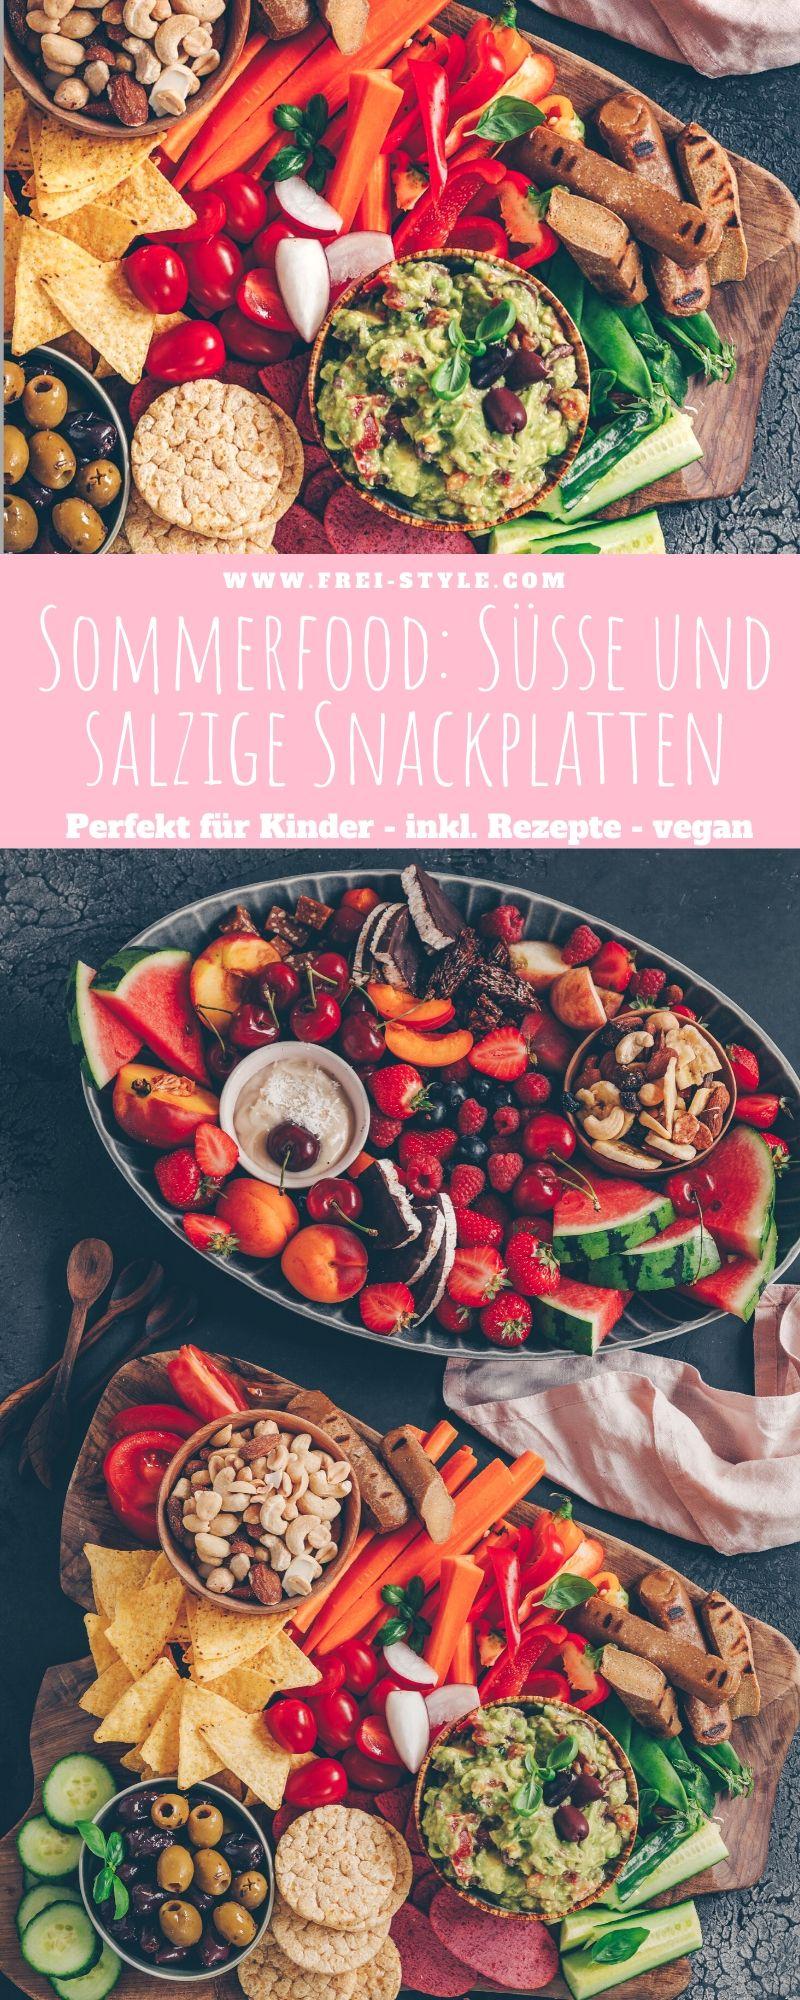 Sommerfood: Süsse und salzige Snackplatten